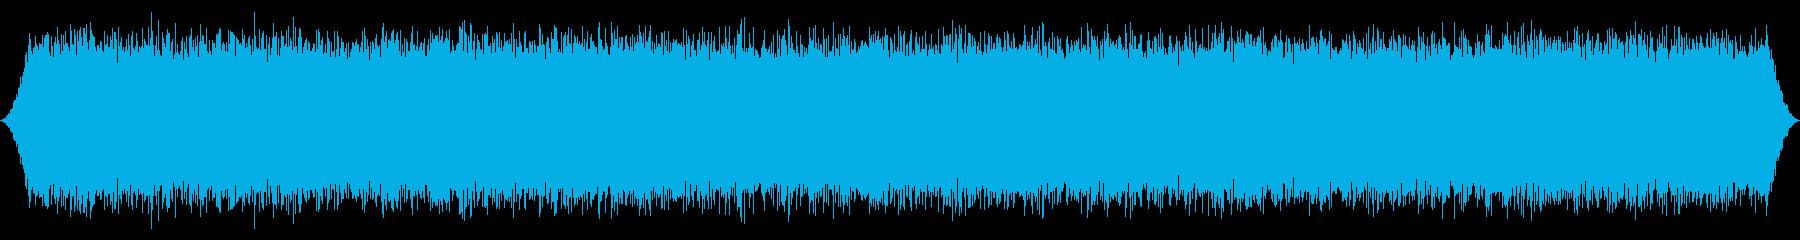 砂漠の風:中程度の孤立、渦巻くWの突風の再生済みの波形